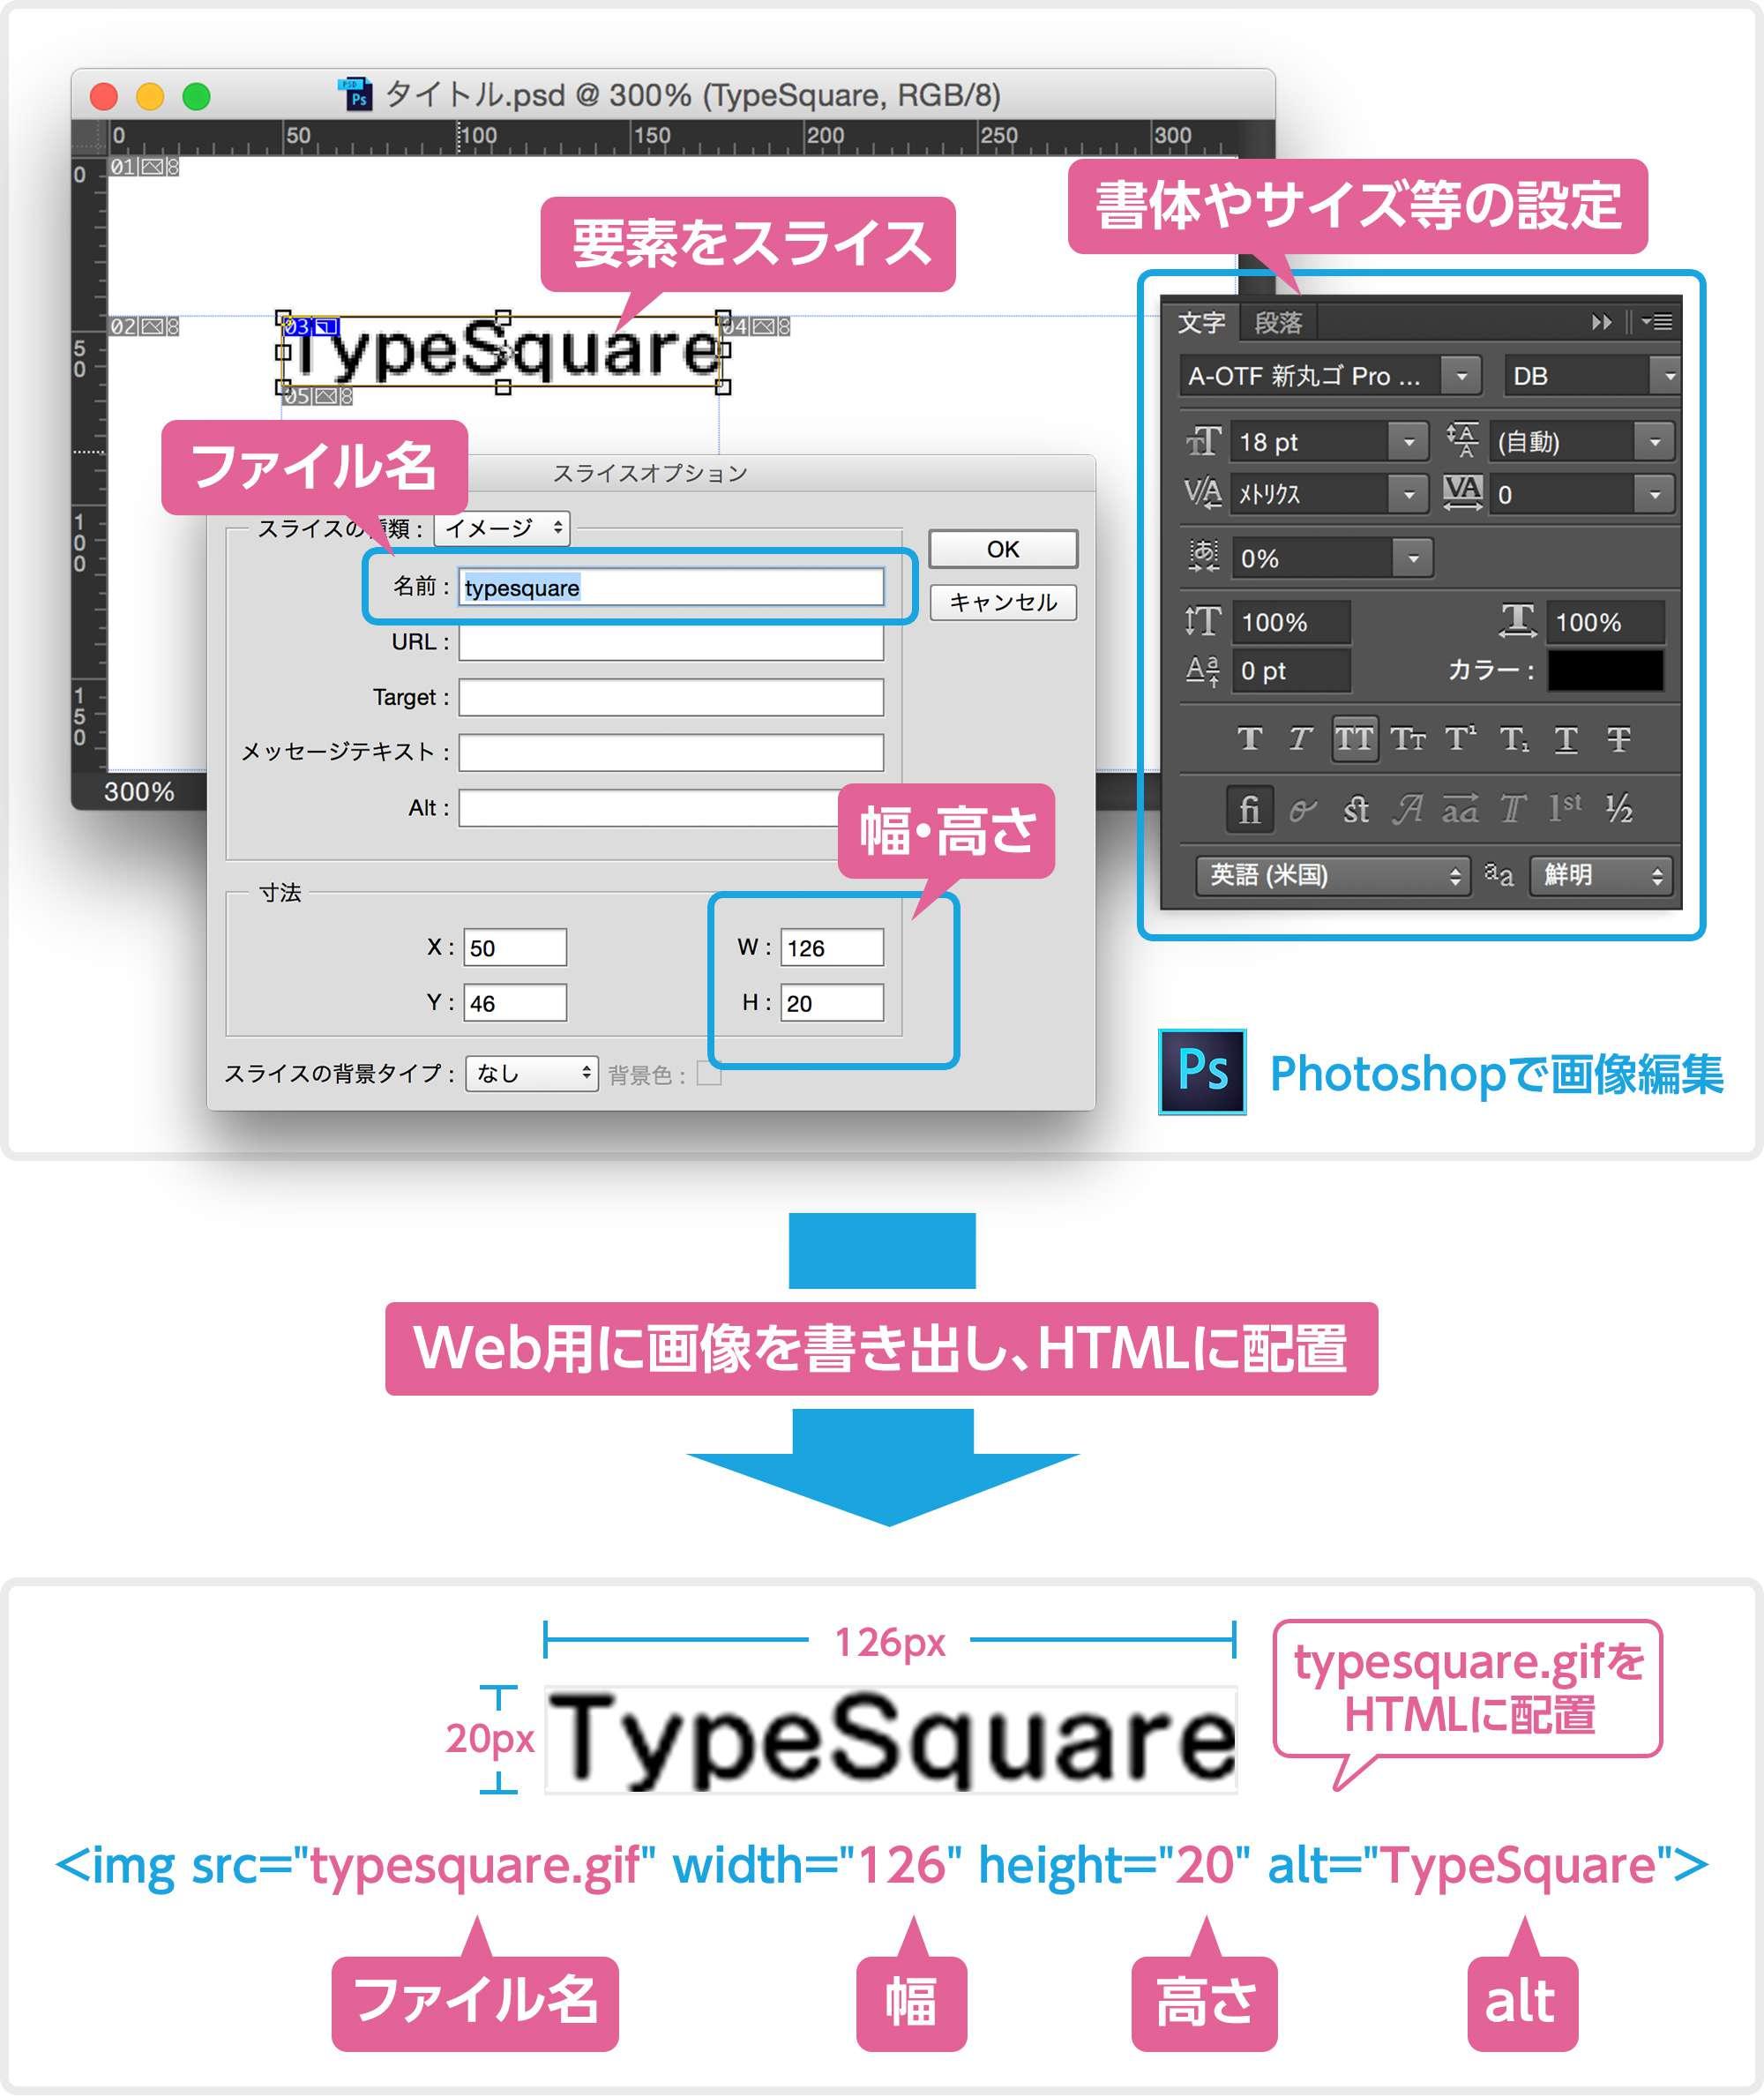 画像文字の制作の流れ。もし修正が入った場合、たった1文字変更するだけであっても、数多くの作業をこなさなければなりません。